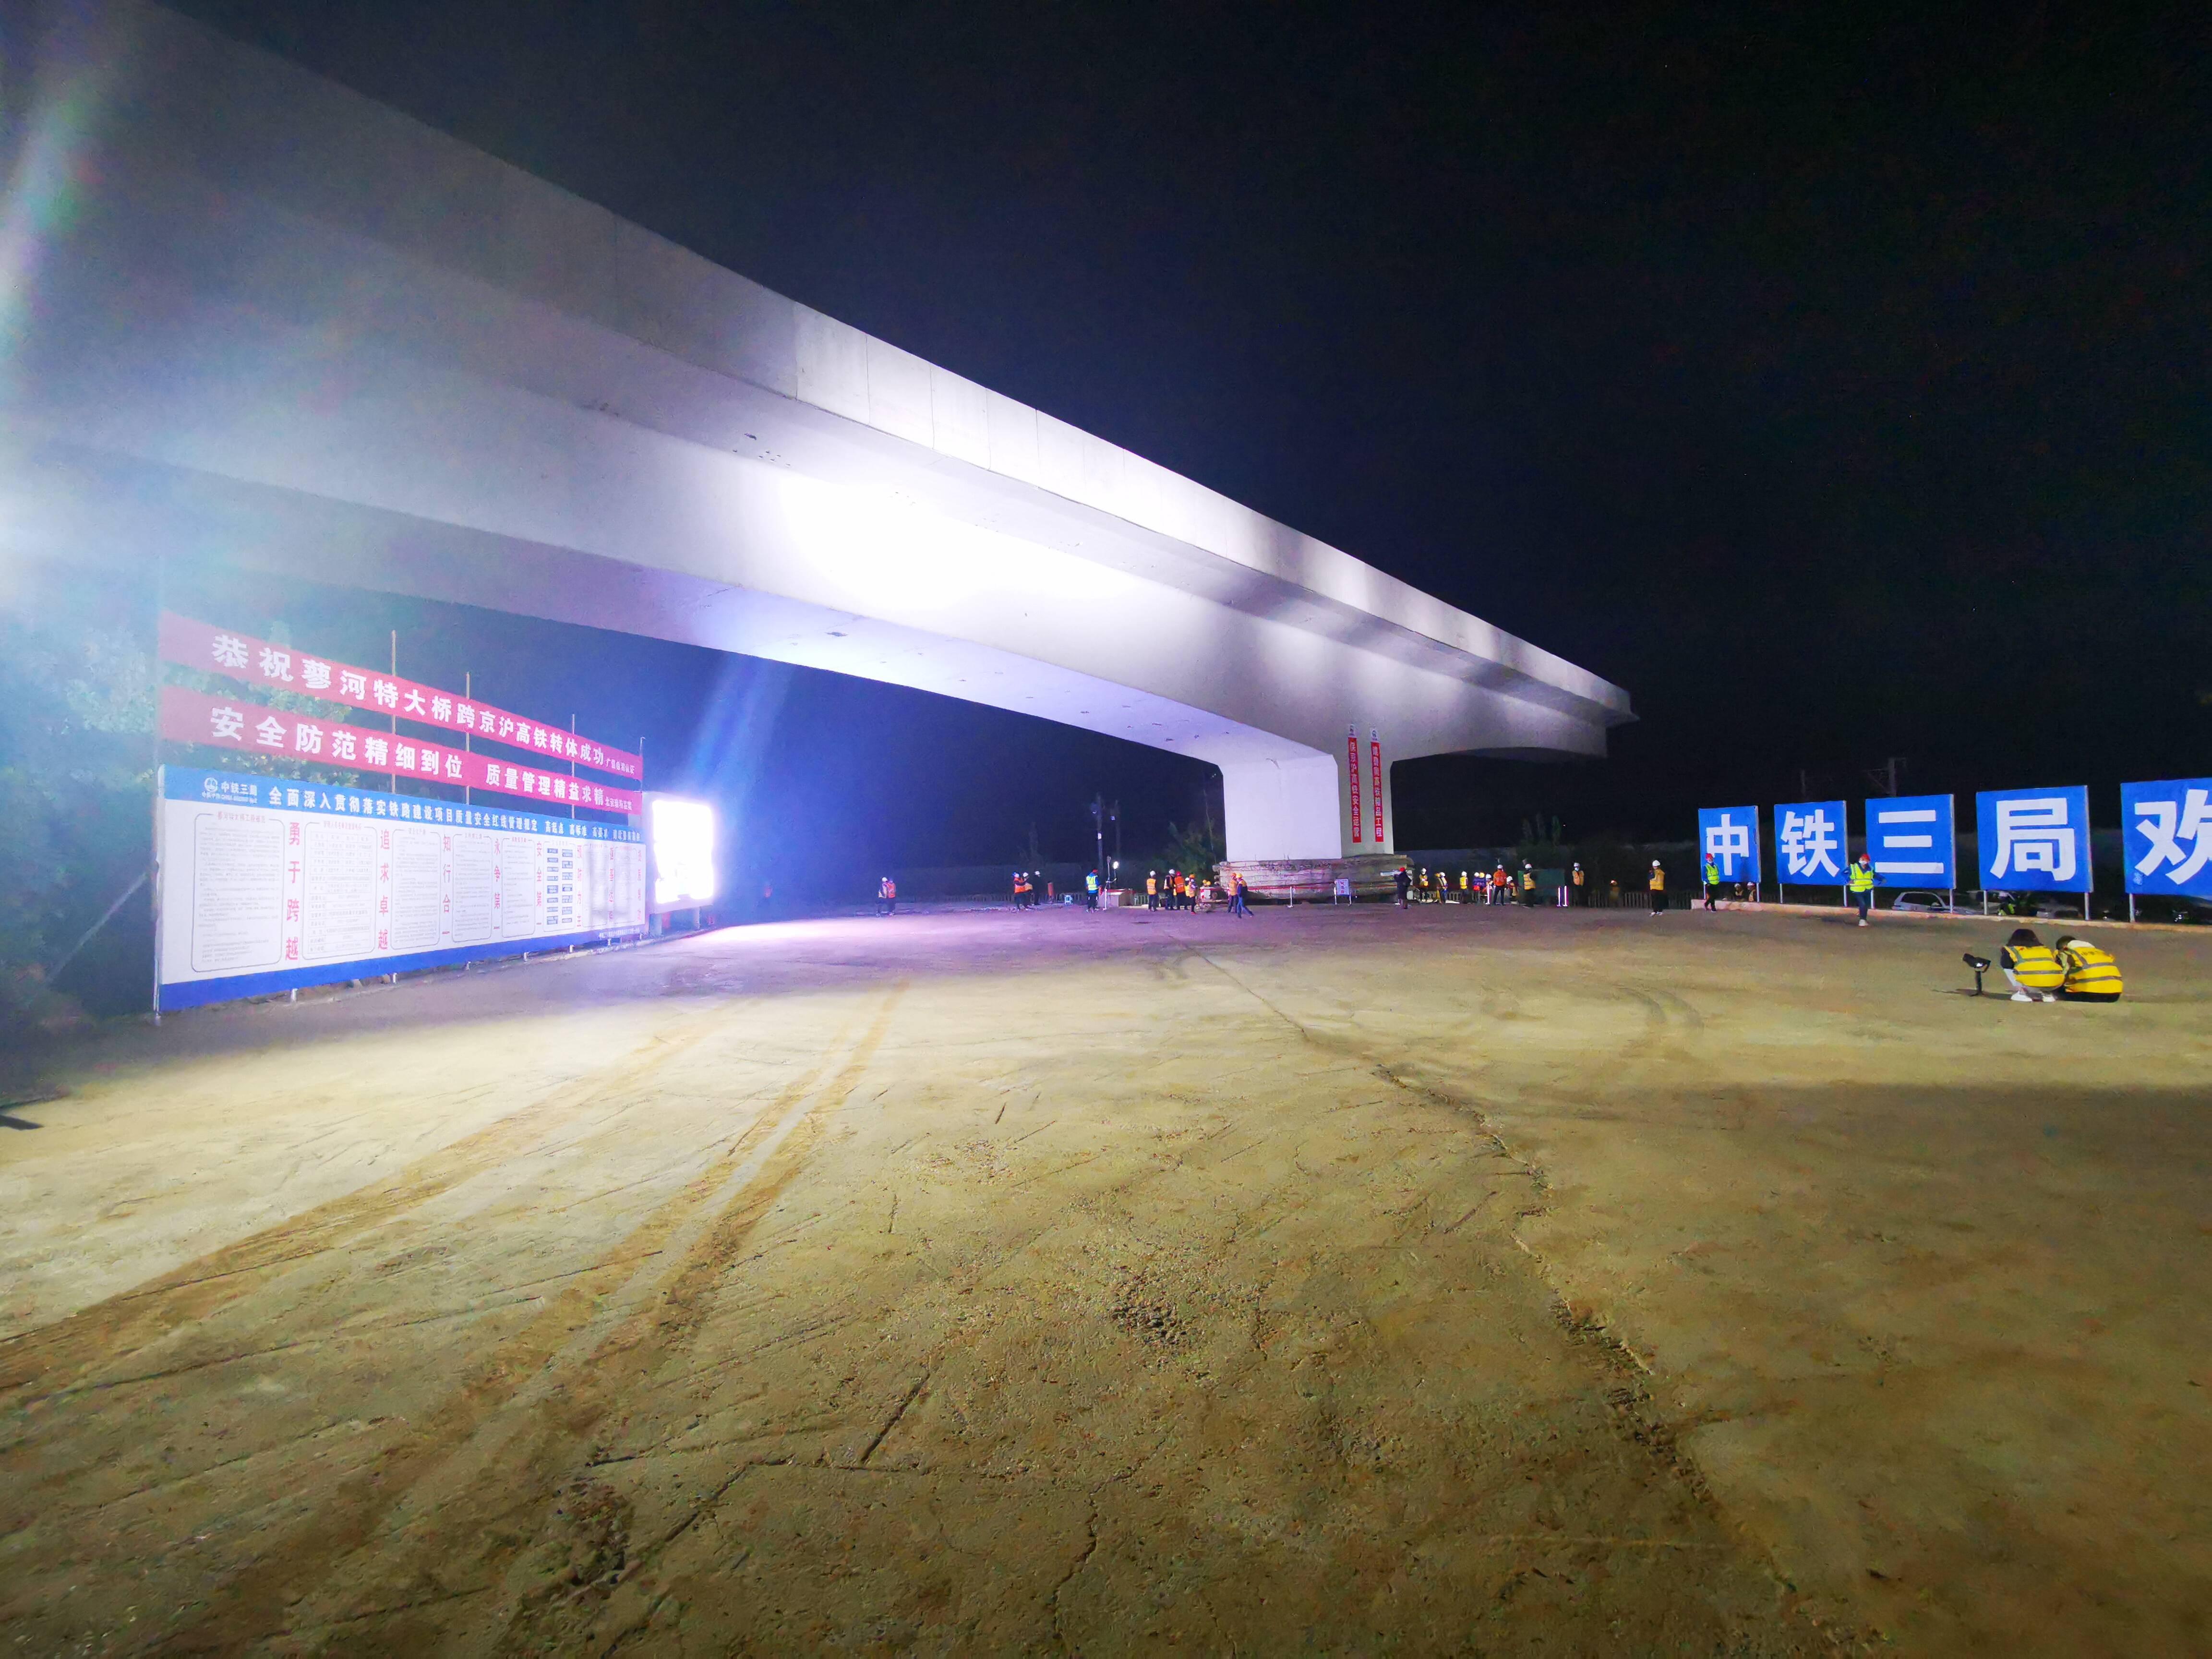 连续梁转体跨越京沪高铁 鲁南高铁西段主体工程年底完工